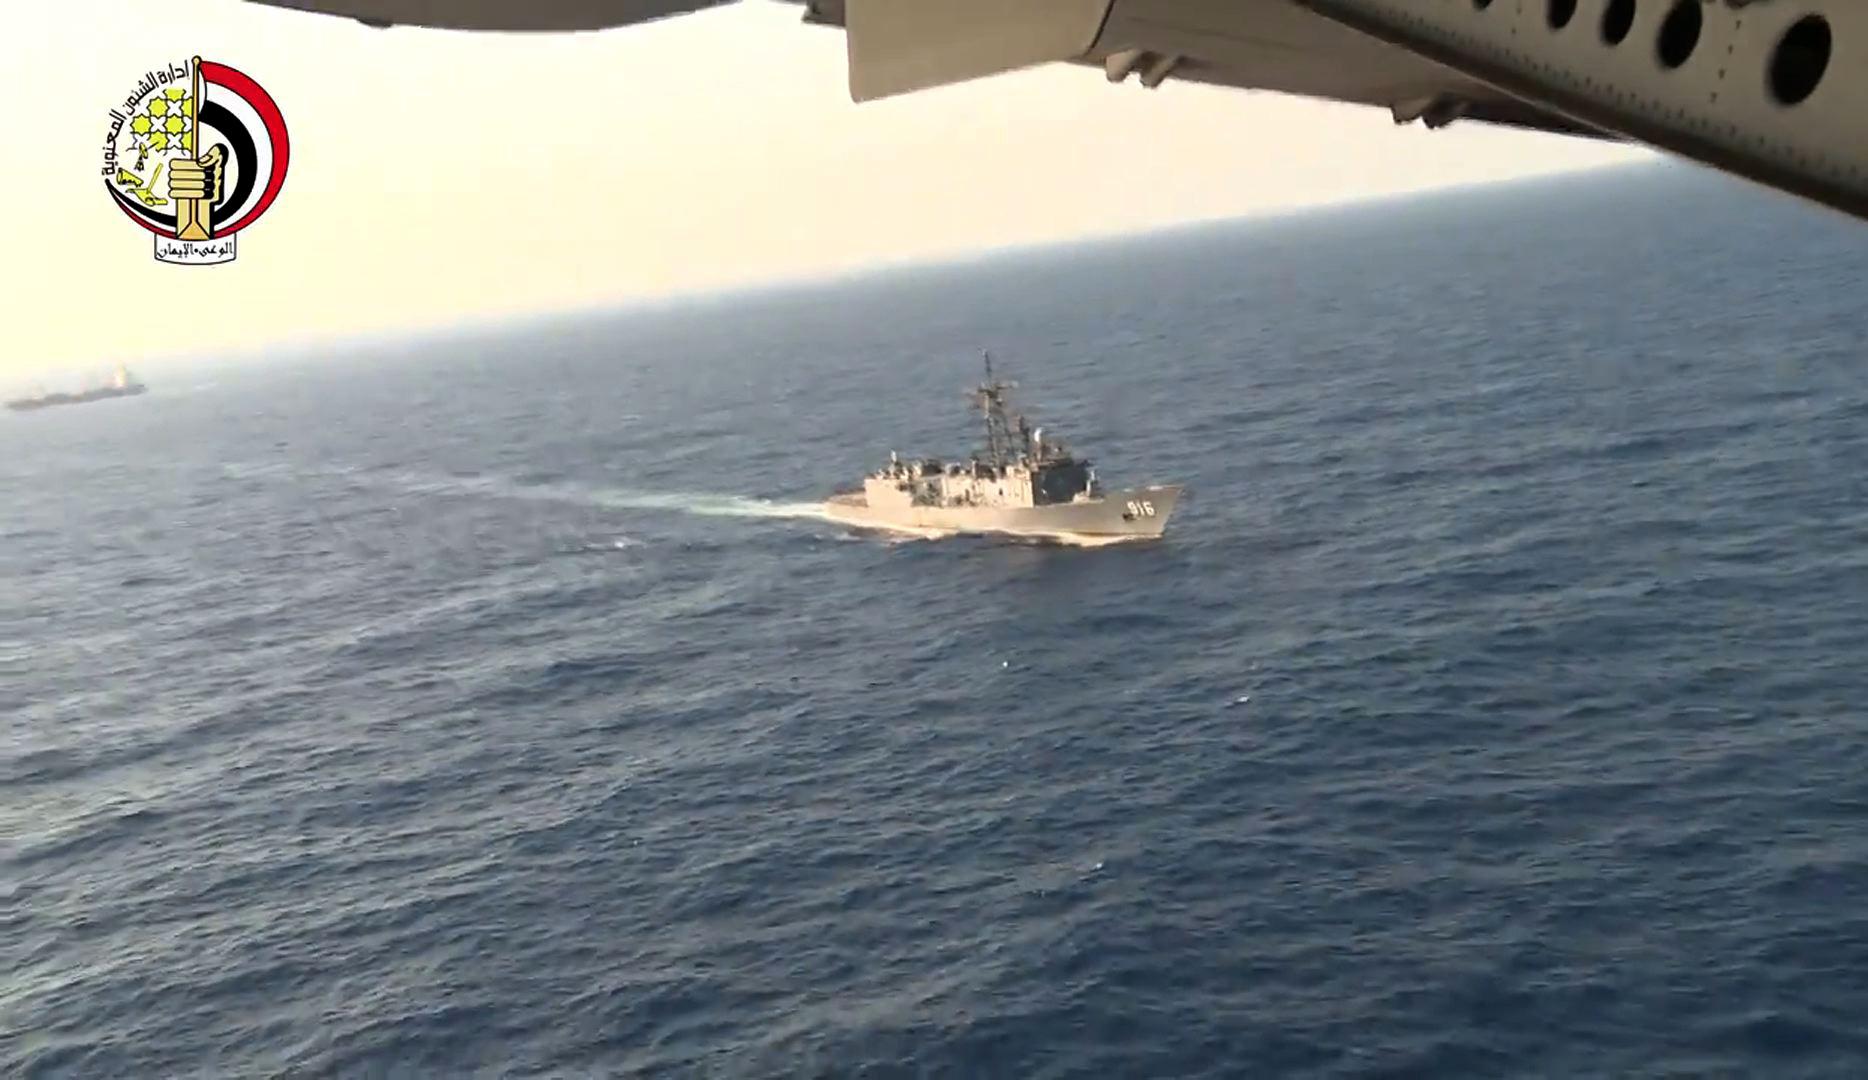 Egyelőre csak emberi maradványok és roncsdarabok kerültek elő az eltűnt EgyptAir gépből